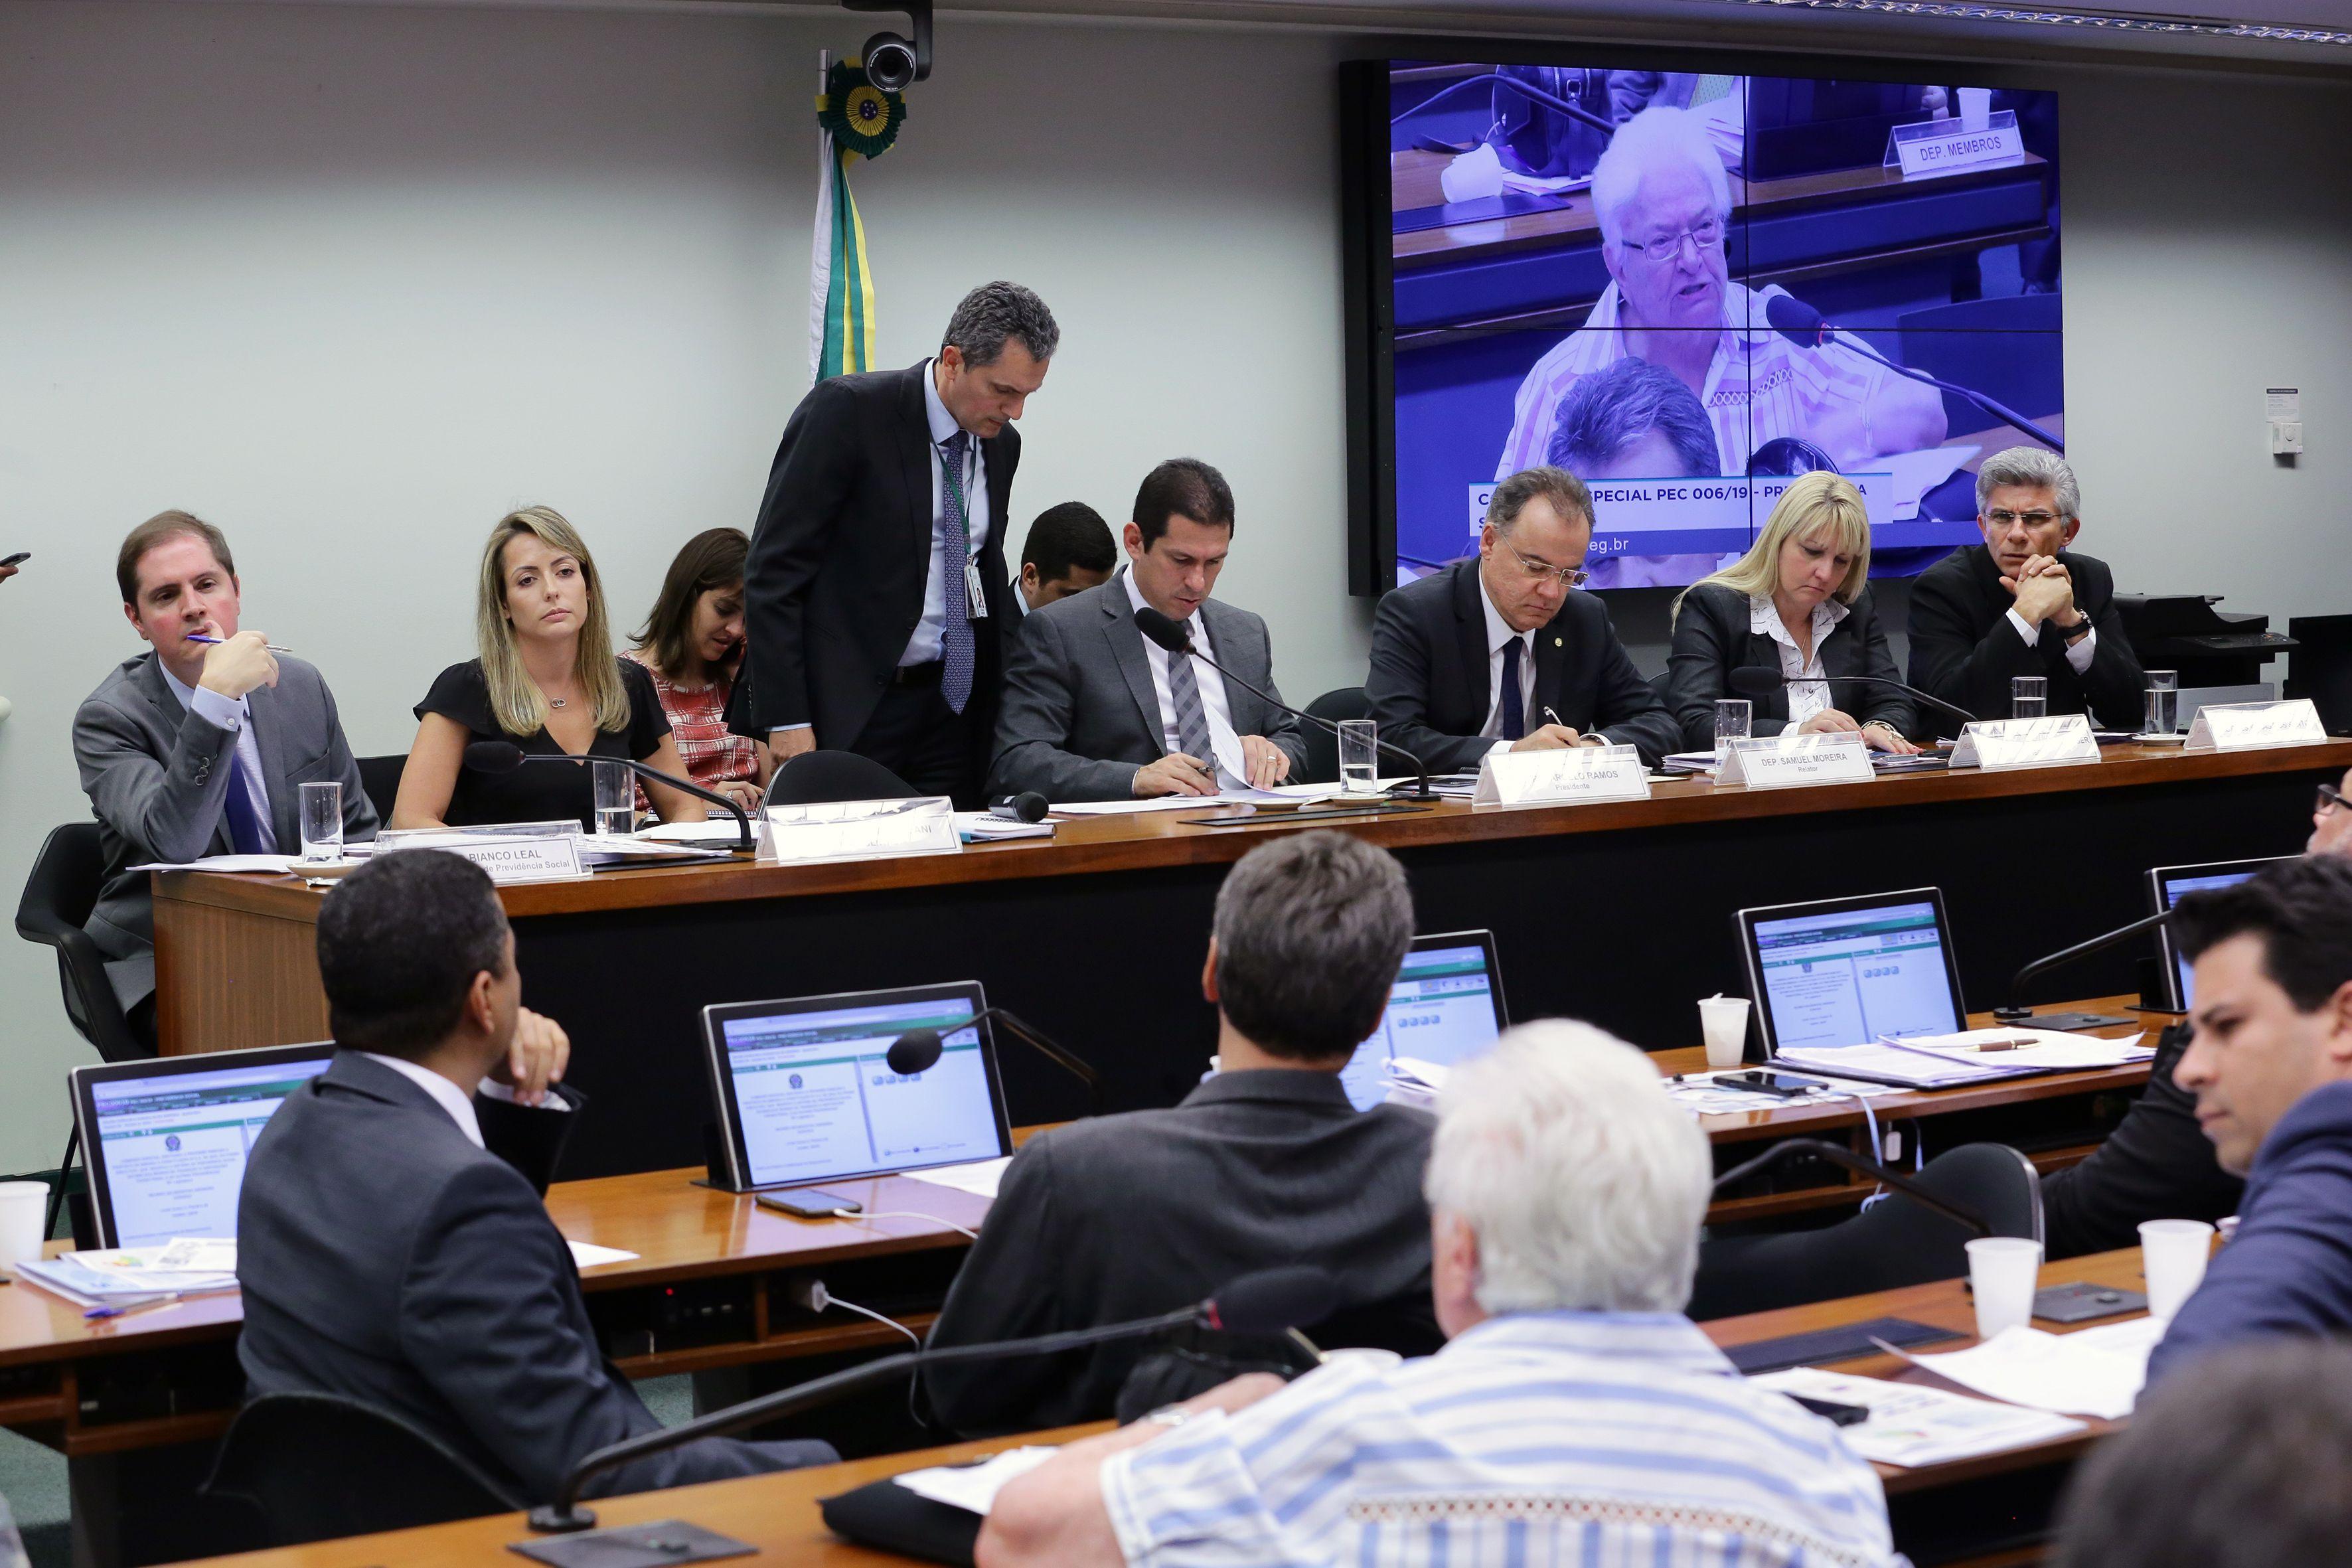 Trabalhador RURAL pode ser impedido de APOSENTAR com a Reforma da Previdência, garante deputados e especialista